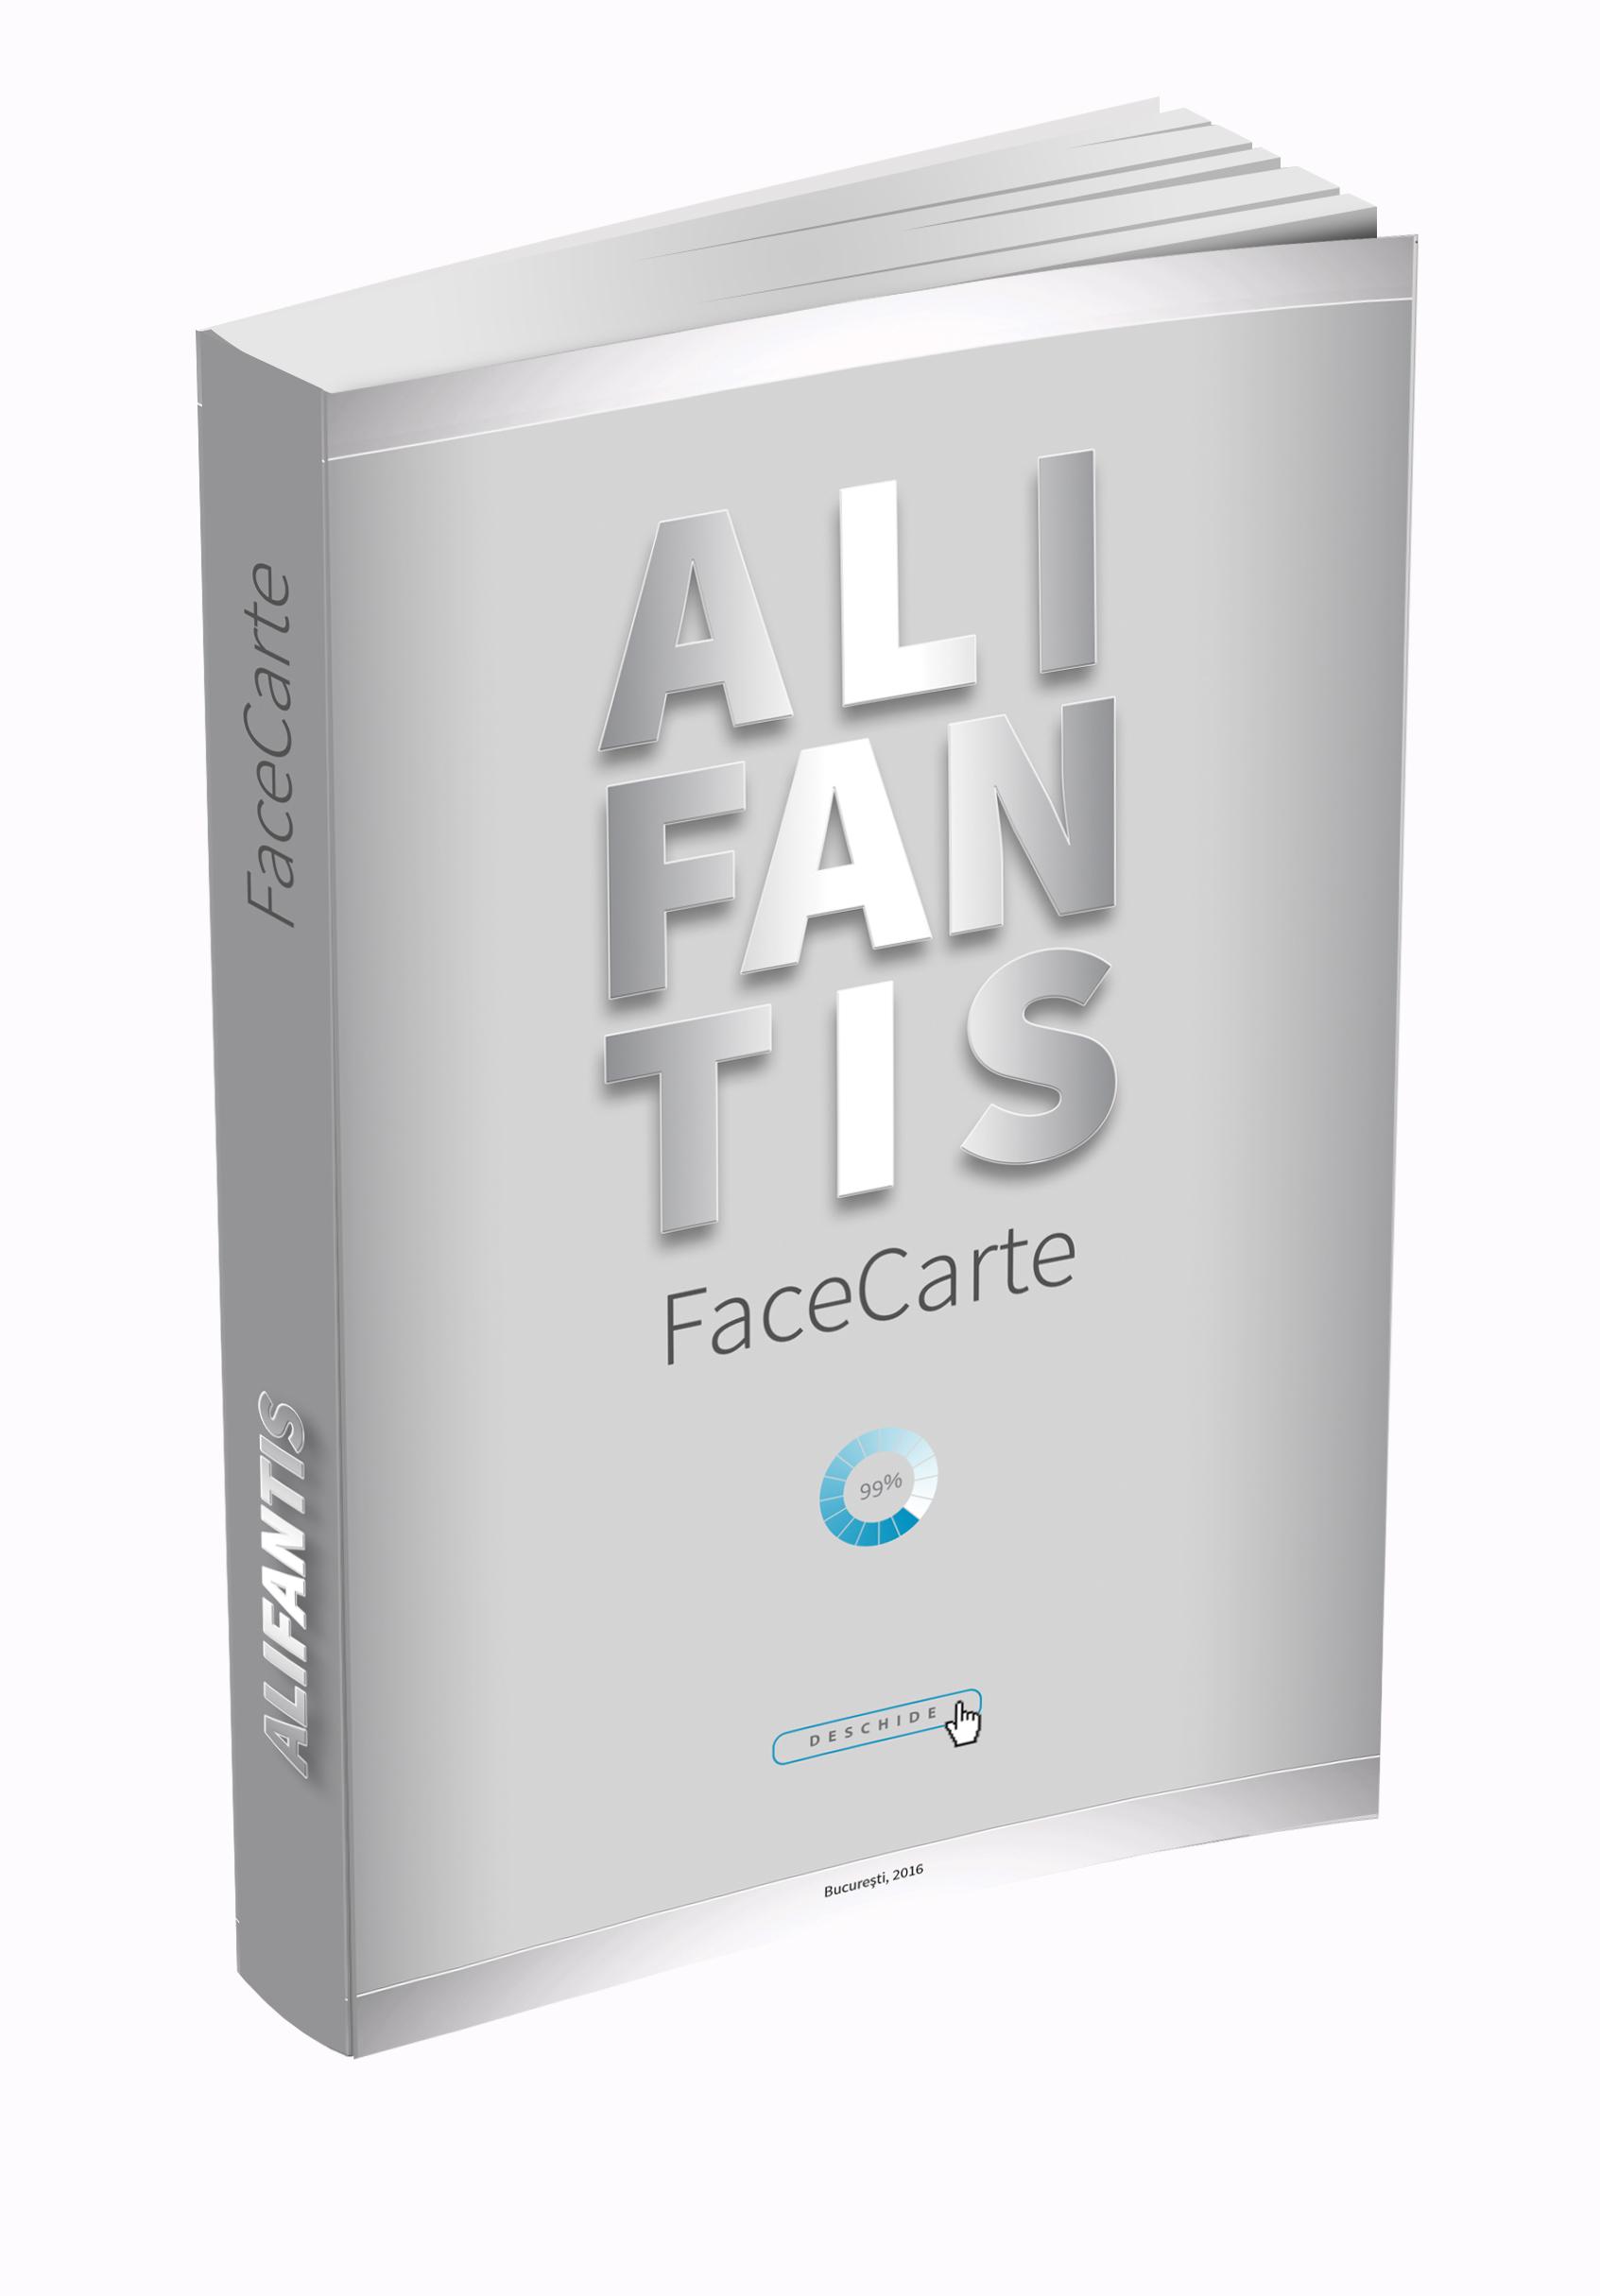 alifantis_facecarte